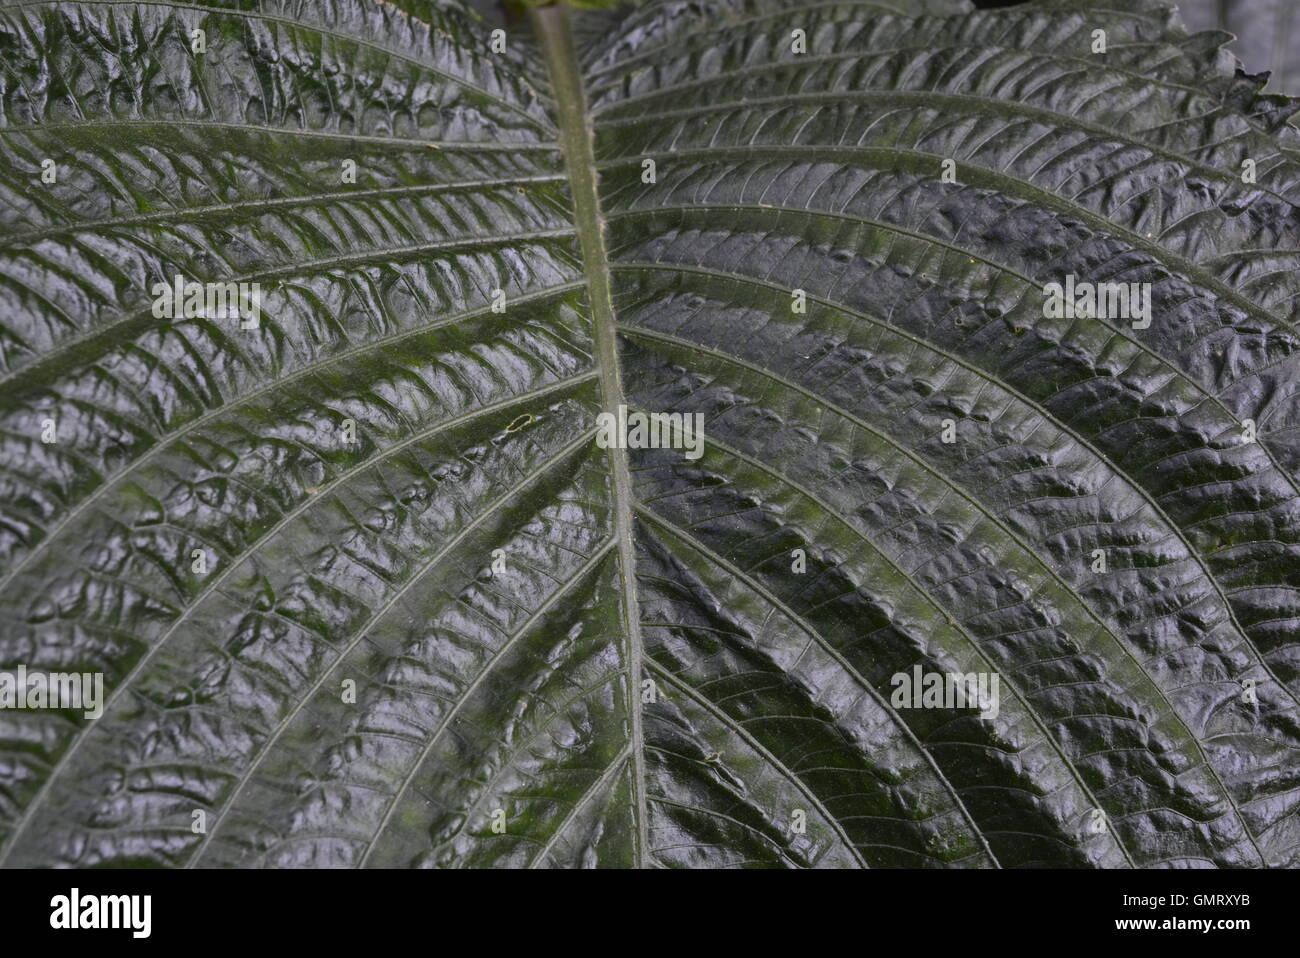 Cerca de hojas verdes con textura para fondos con fuertes venas Imagen De Stock